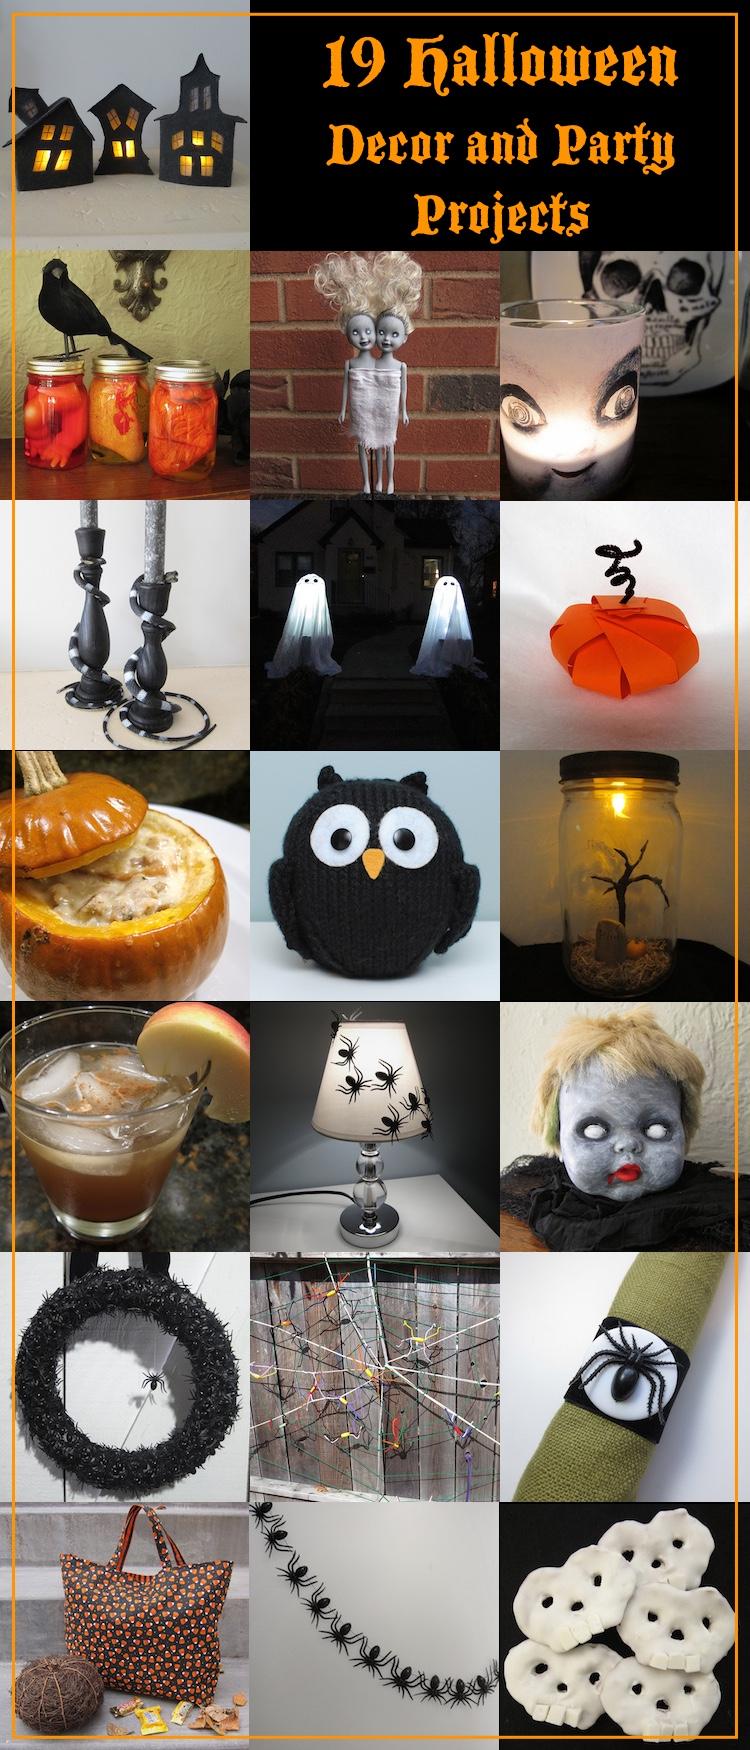 HalloweenDecor2015